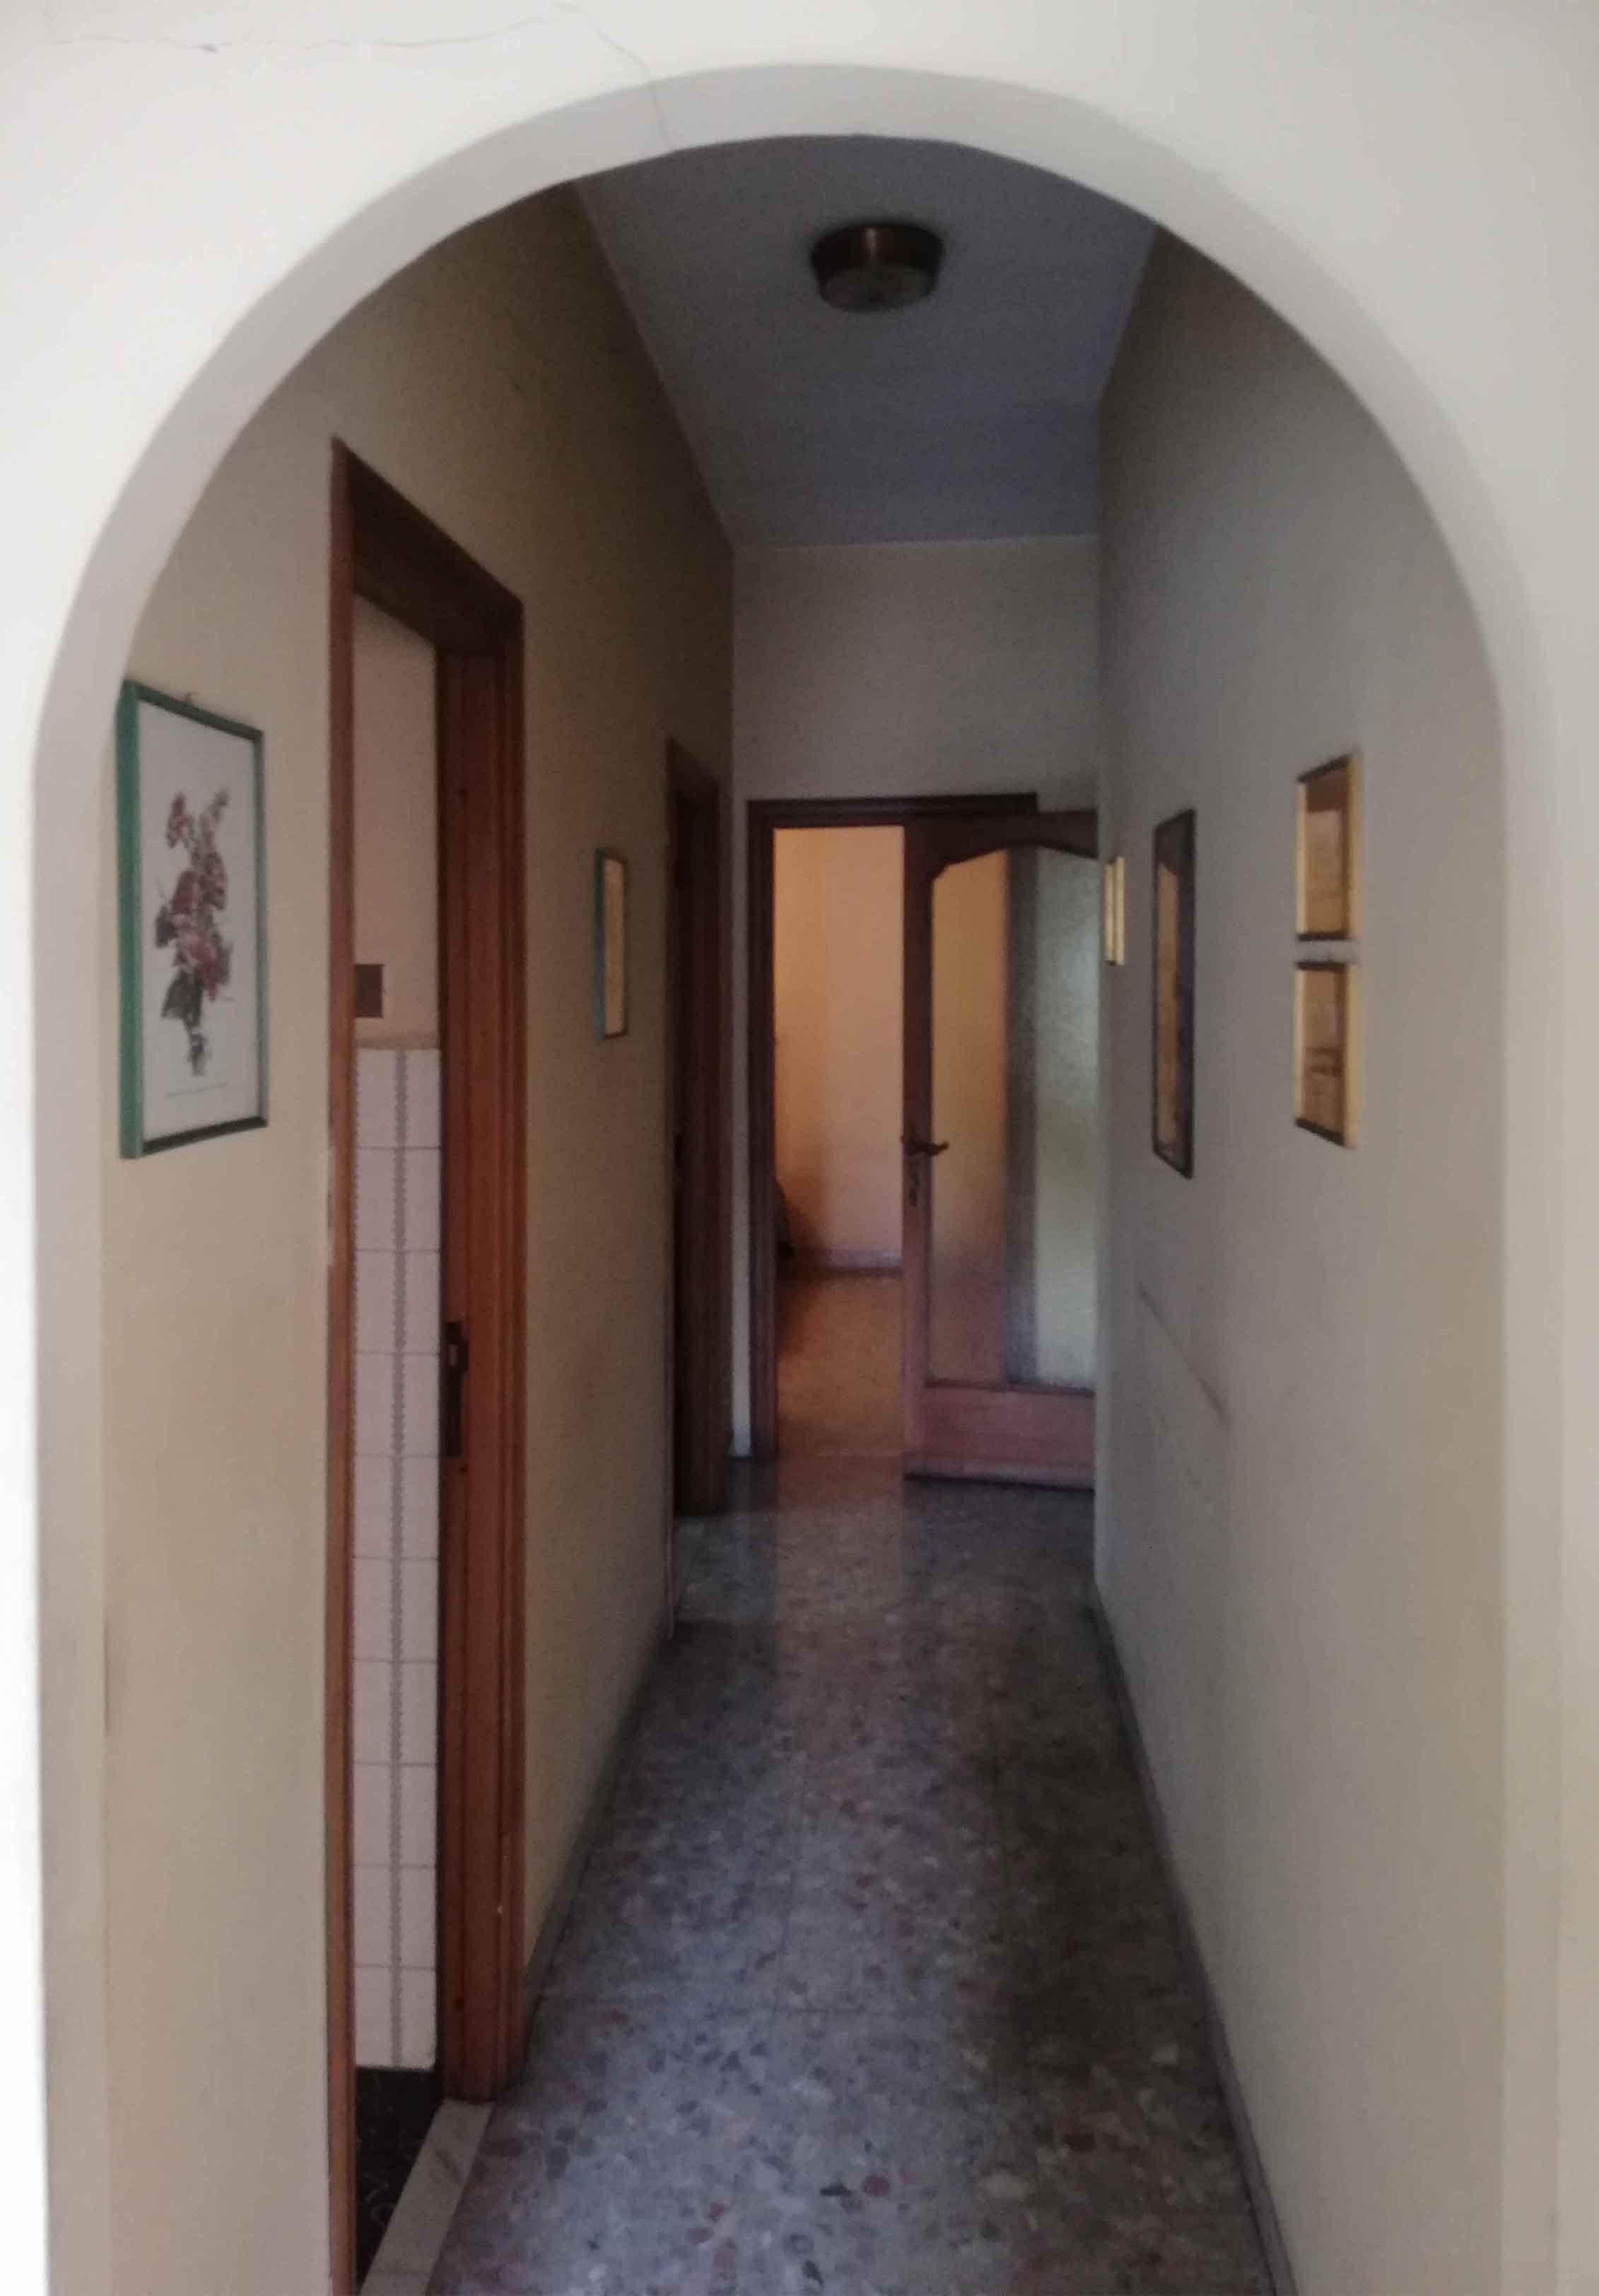 Corridoio Penguin House Prima dei lavori di Restauro e Interior Design